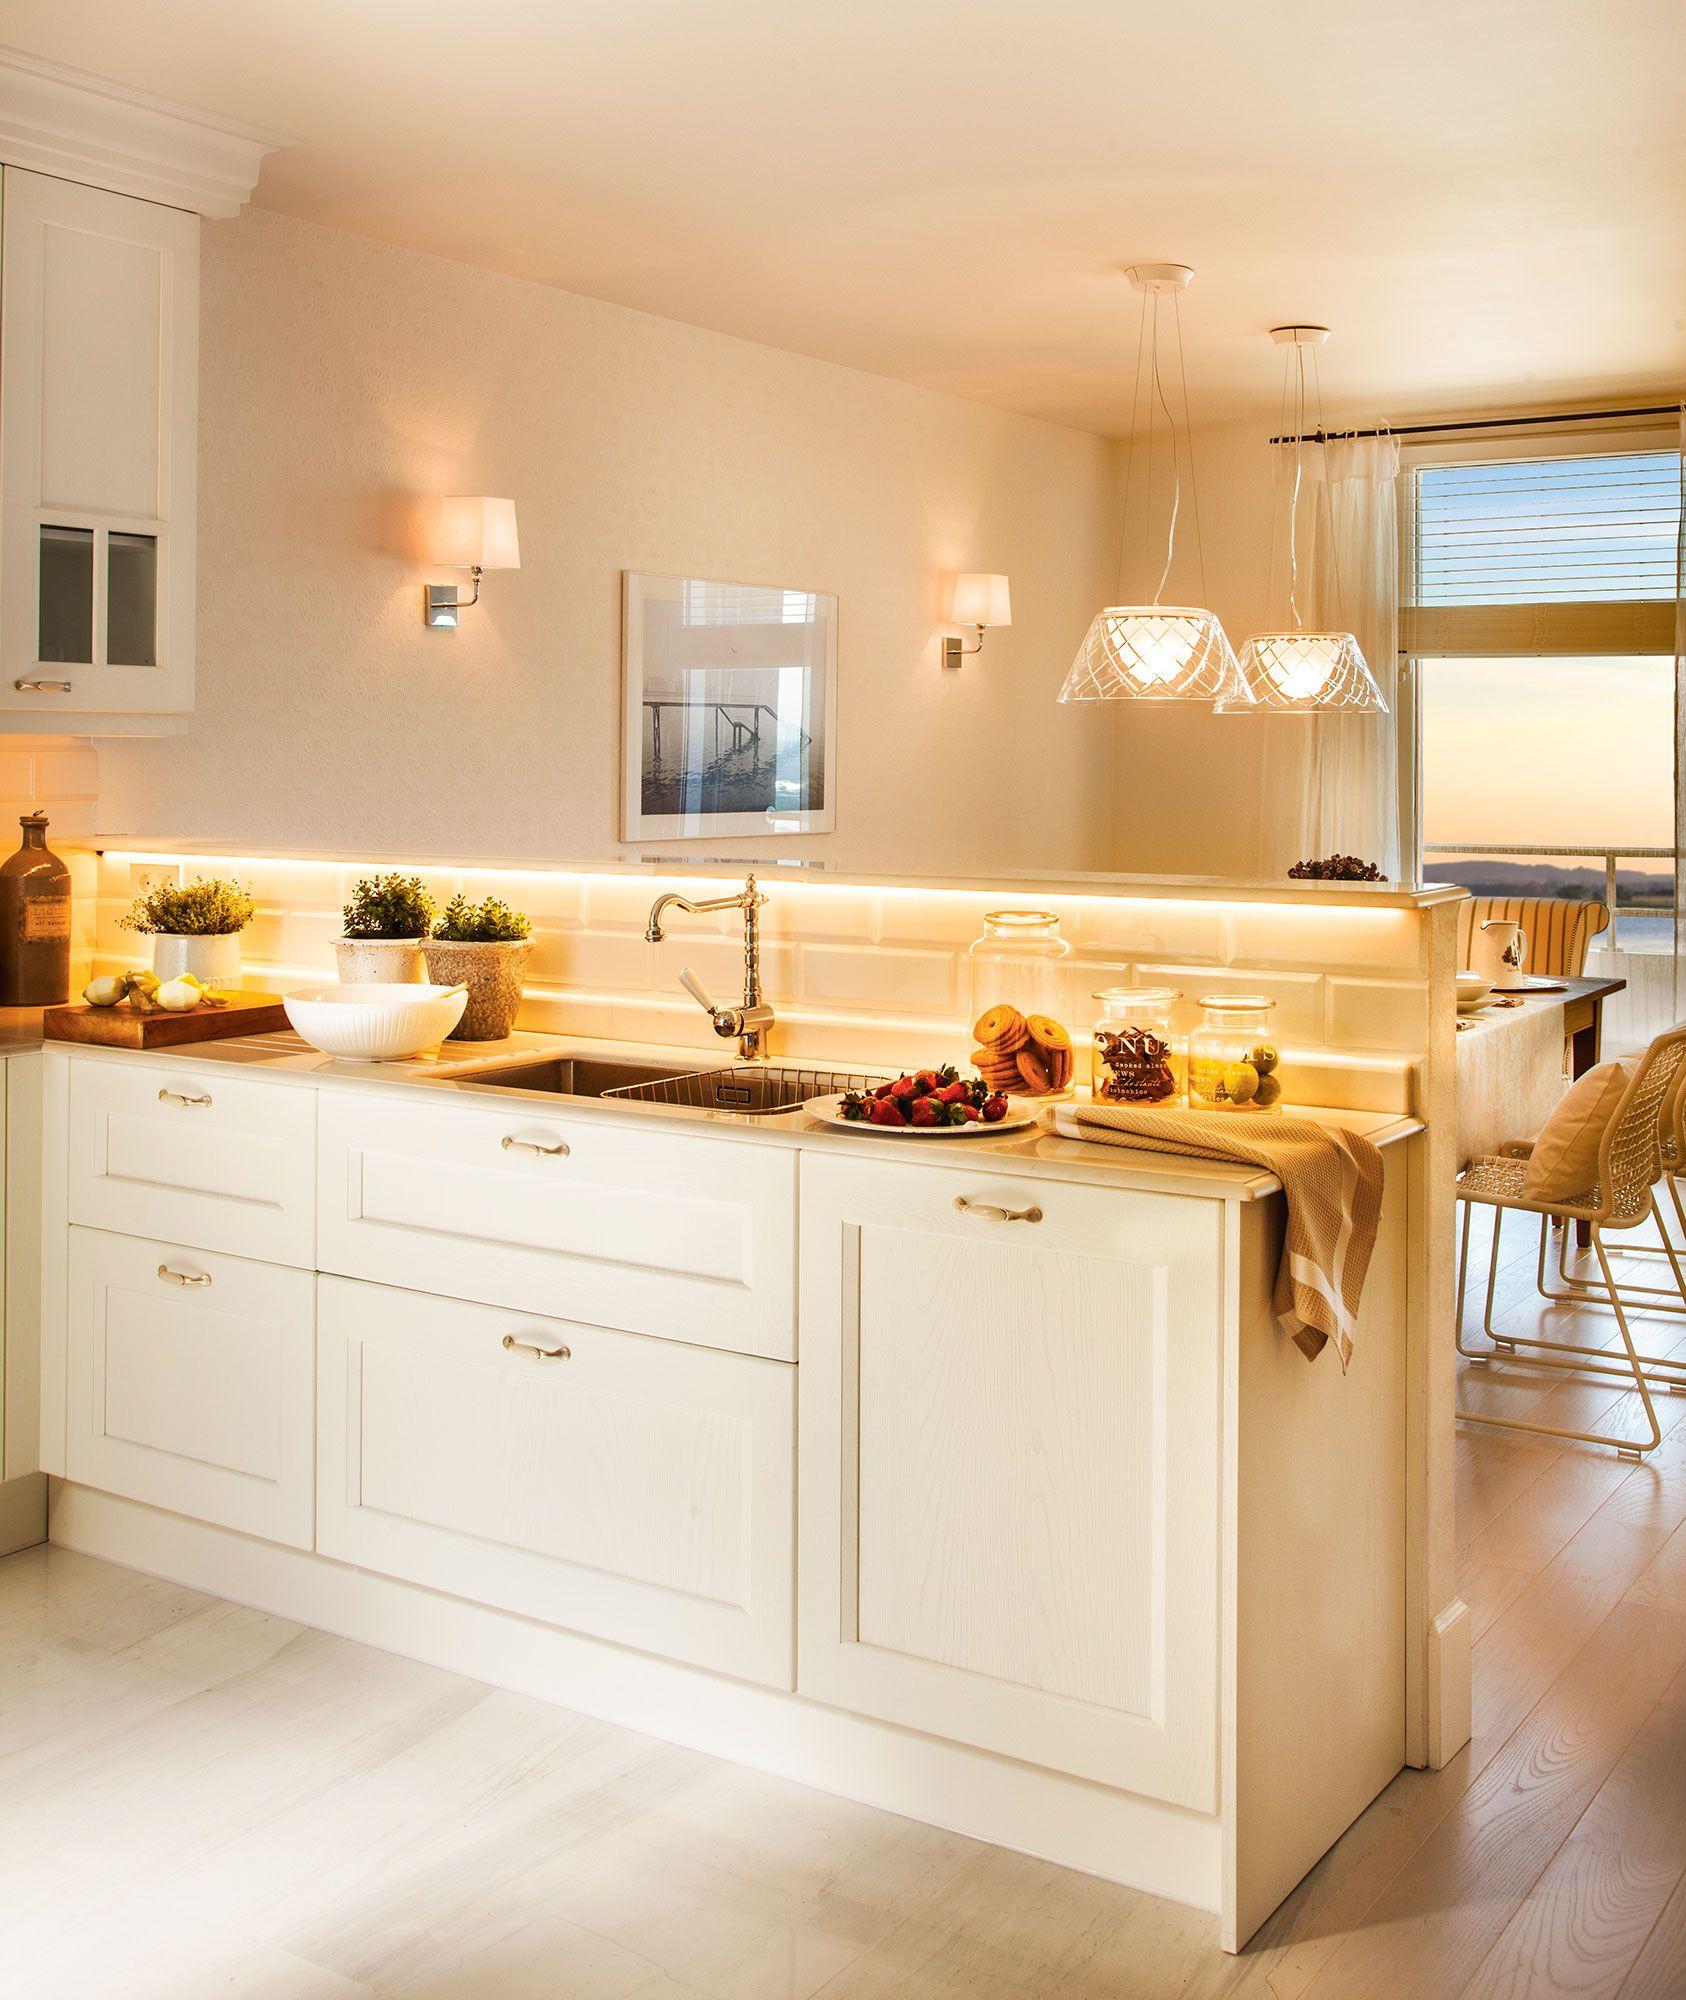 Renovar la cocina sin obras: 10 reformas low cost | home sweet home ...